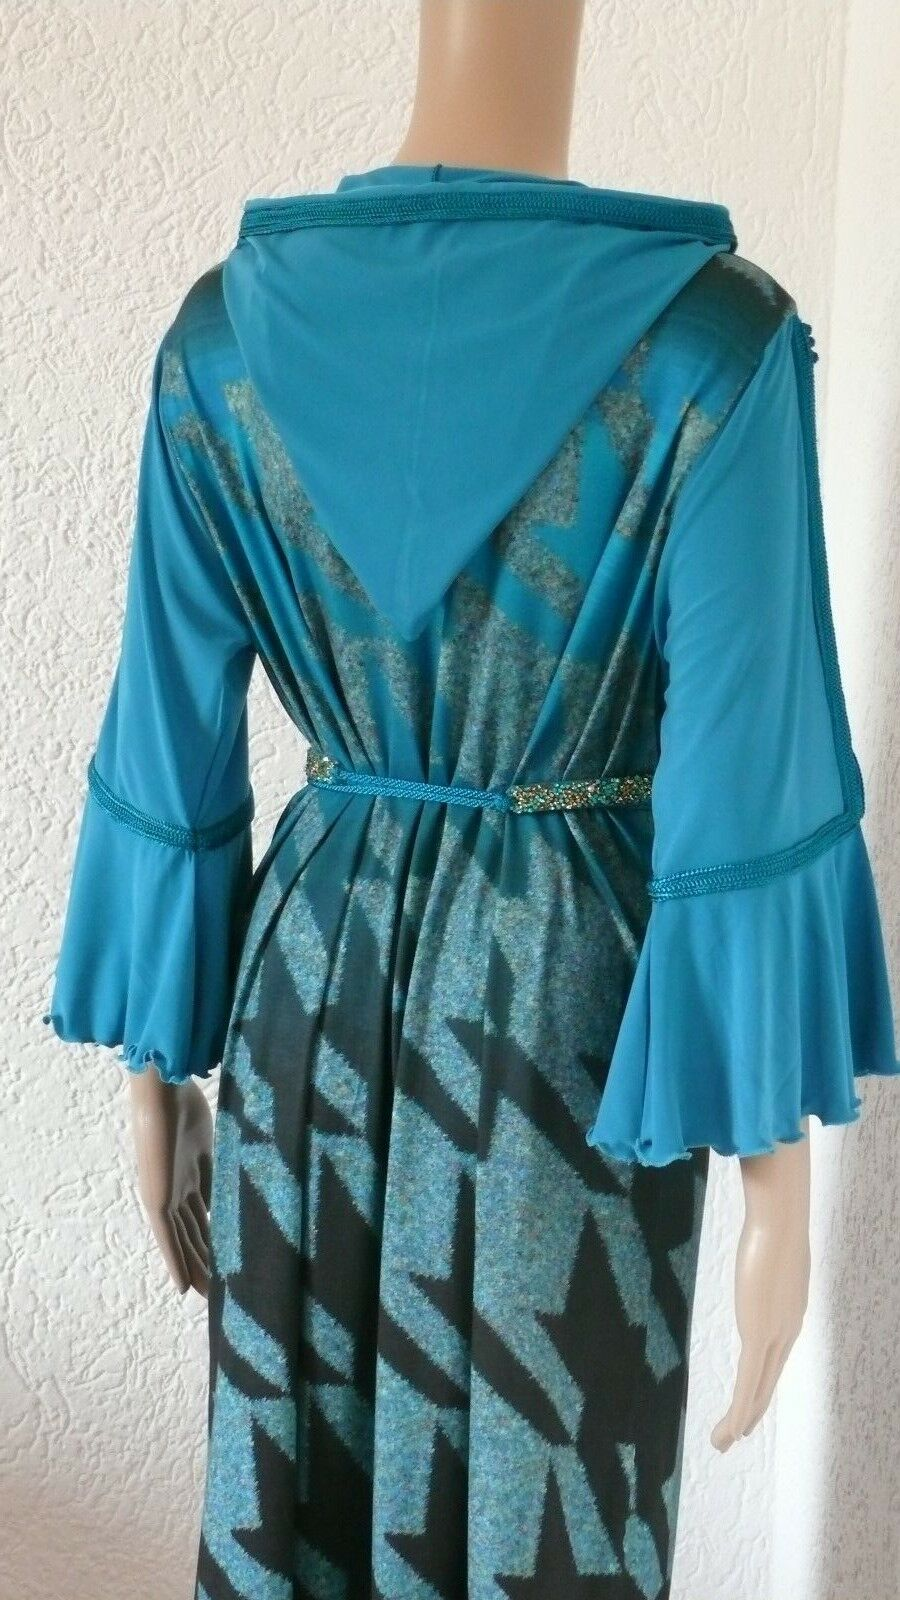 Blau Djellaba Caftan  Kneelang Kleid mit Kapuze Tunika Kaftan mit Gürtel